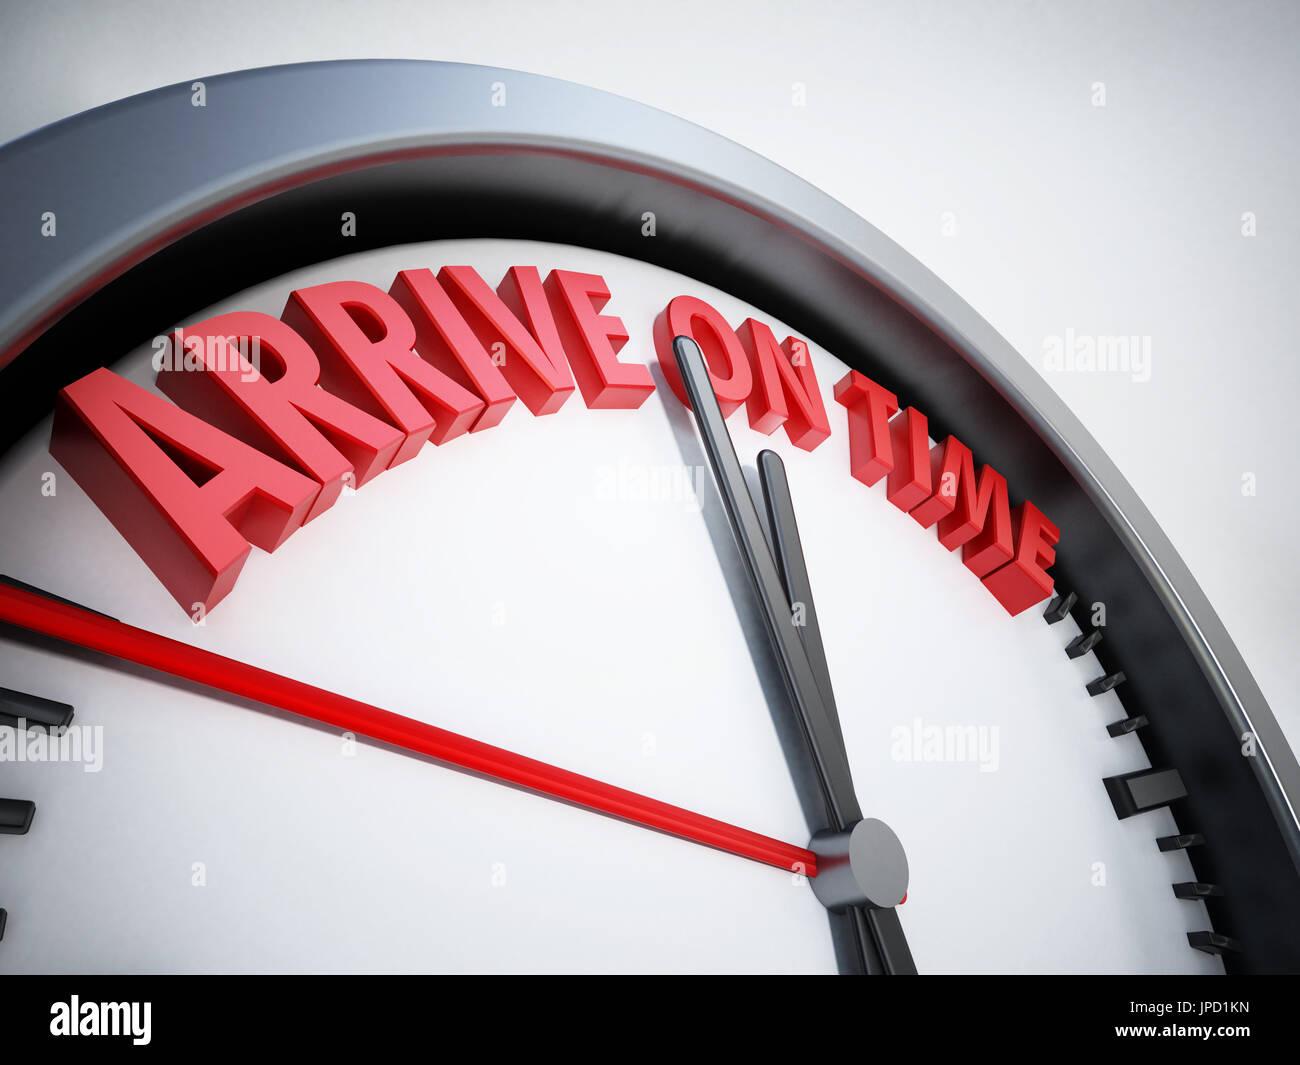 Orologio con arriva in tempo il testo. 3D'illustrazione. Immagini Stock